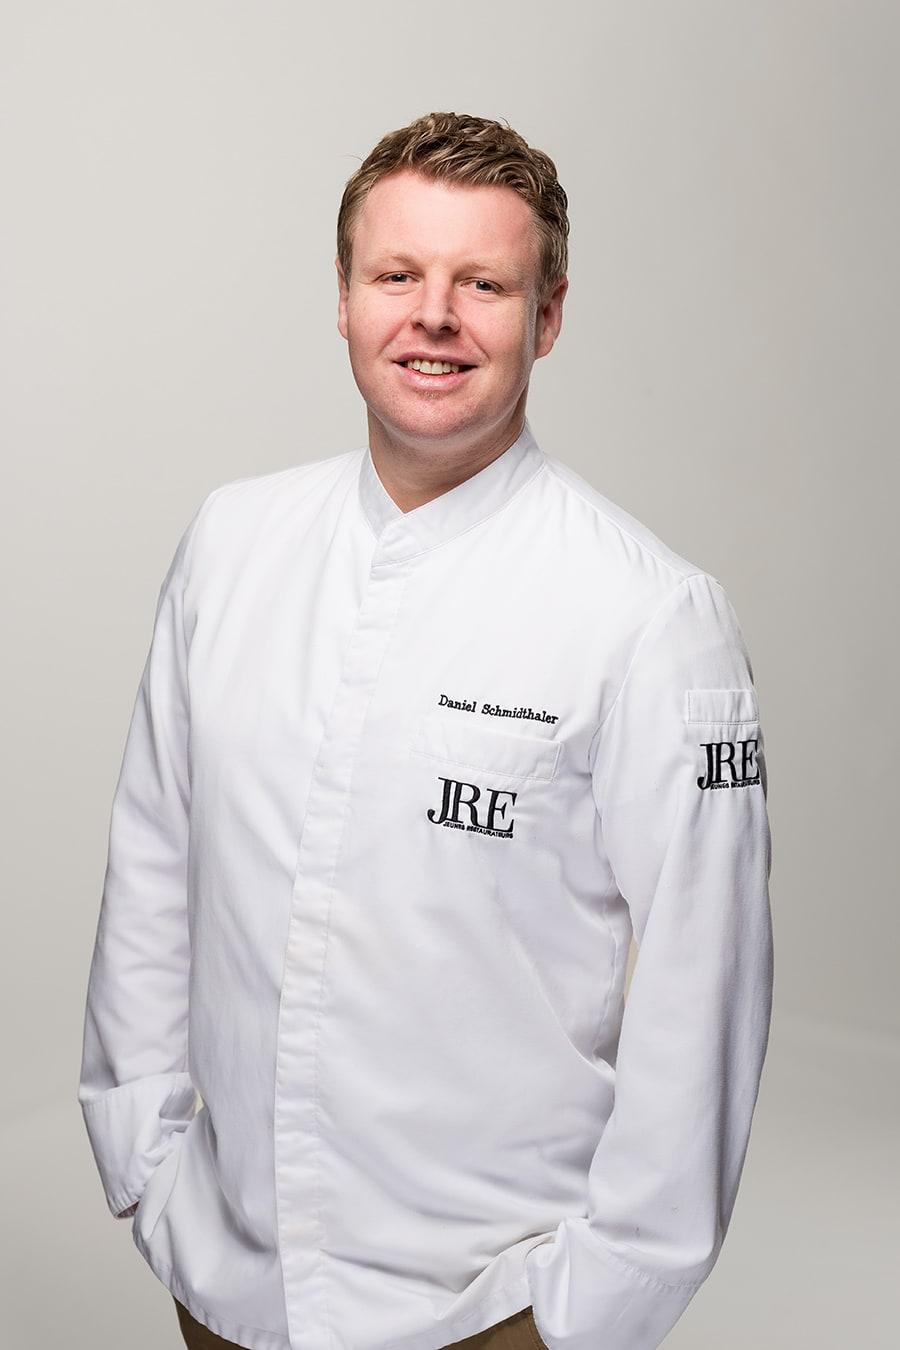 Jeunes Restaurateur JRE Daniel Schmidthaler